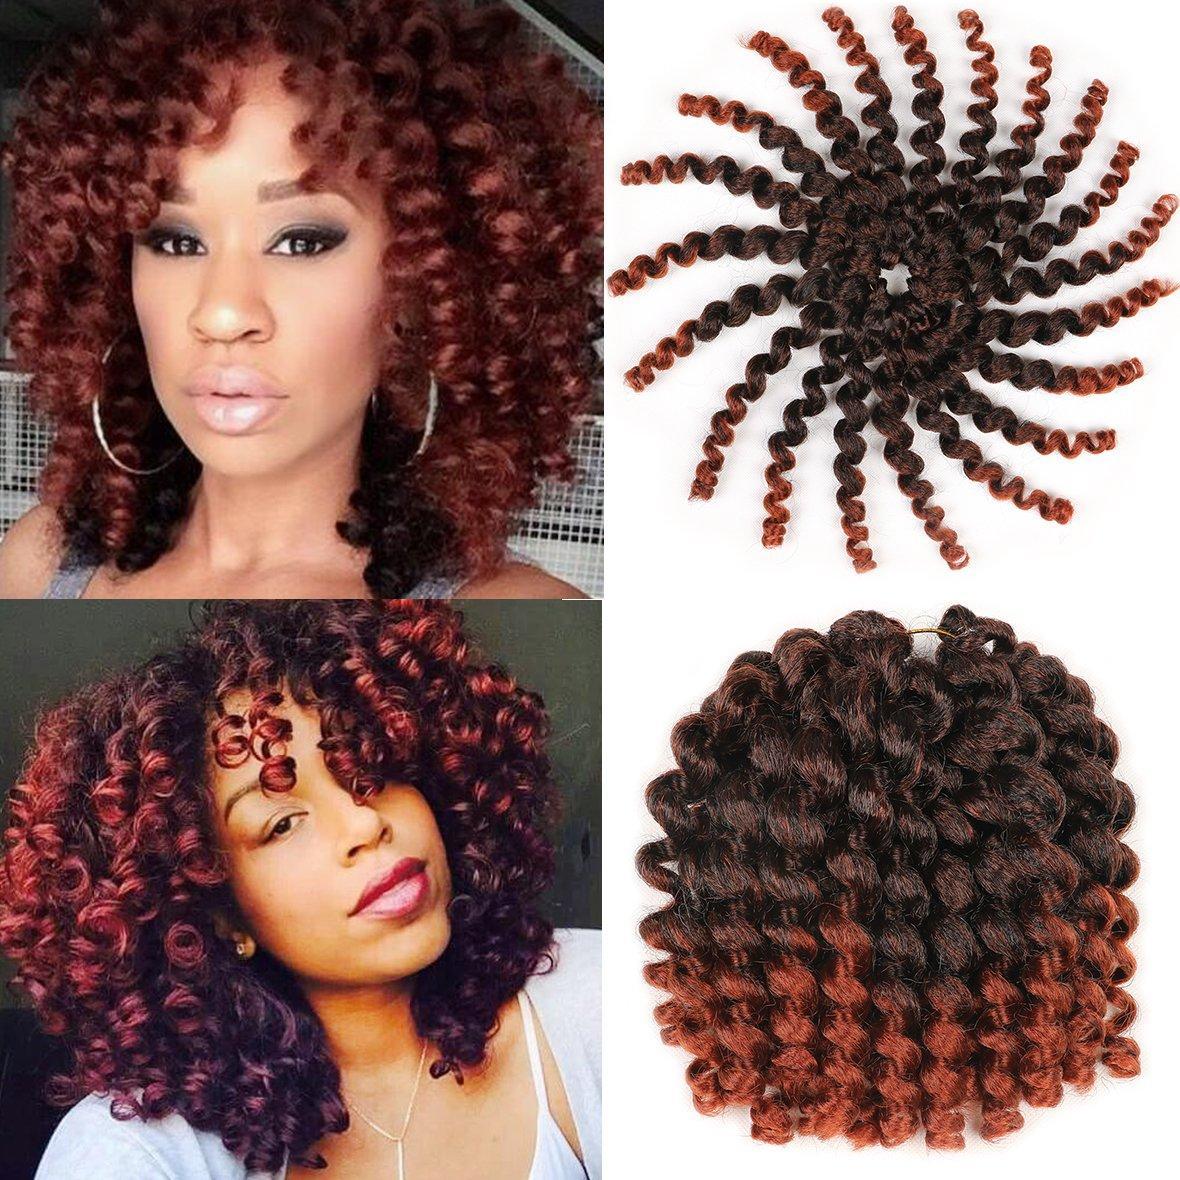 Heiß! 8-Zoll-5Pcs / Lot Jamaican Bounce afrikanische Sammlung Crochet Flechthaar Wand Curly Geflechte Synthetic-Torsion-Haar (5pcs / lot, T350 #)